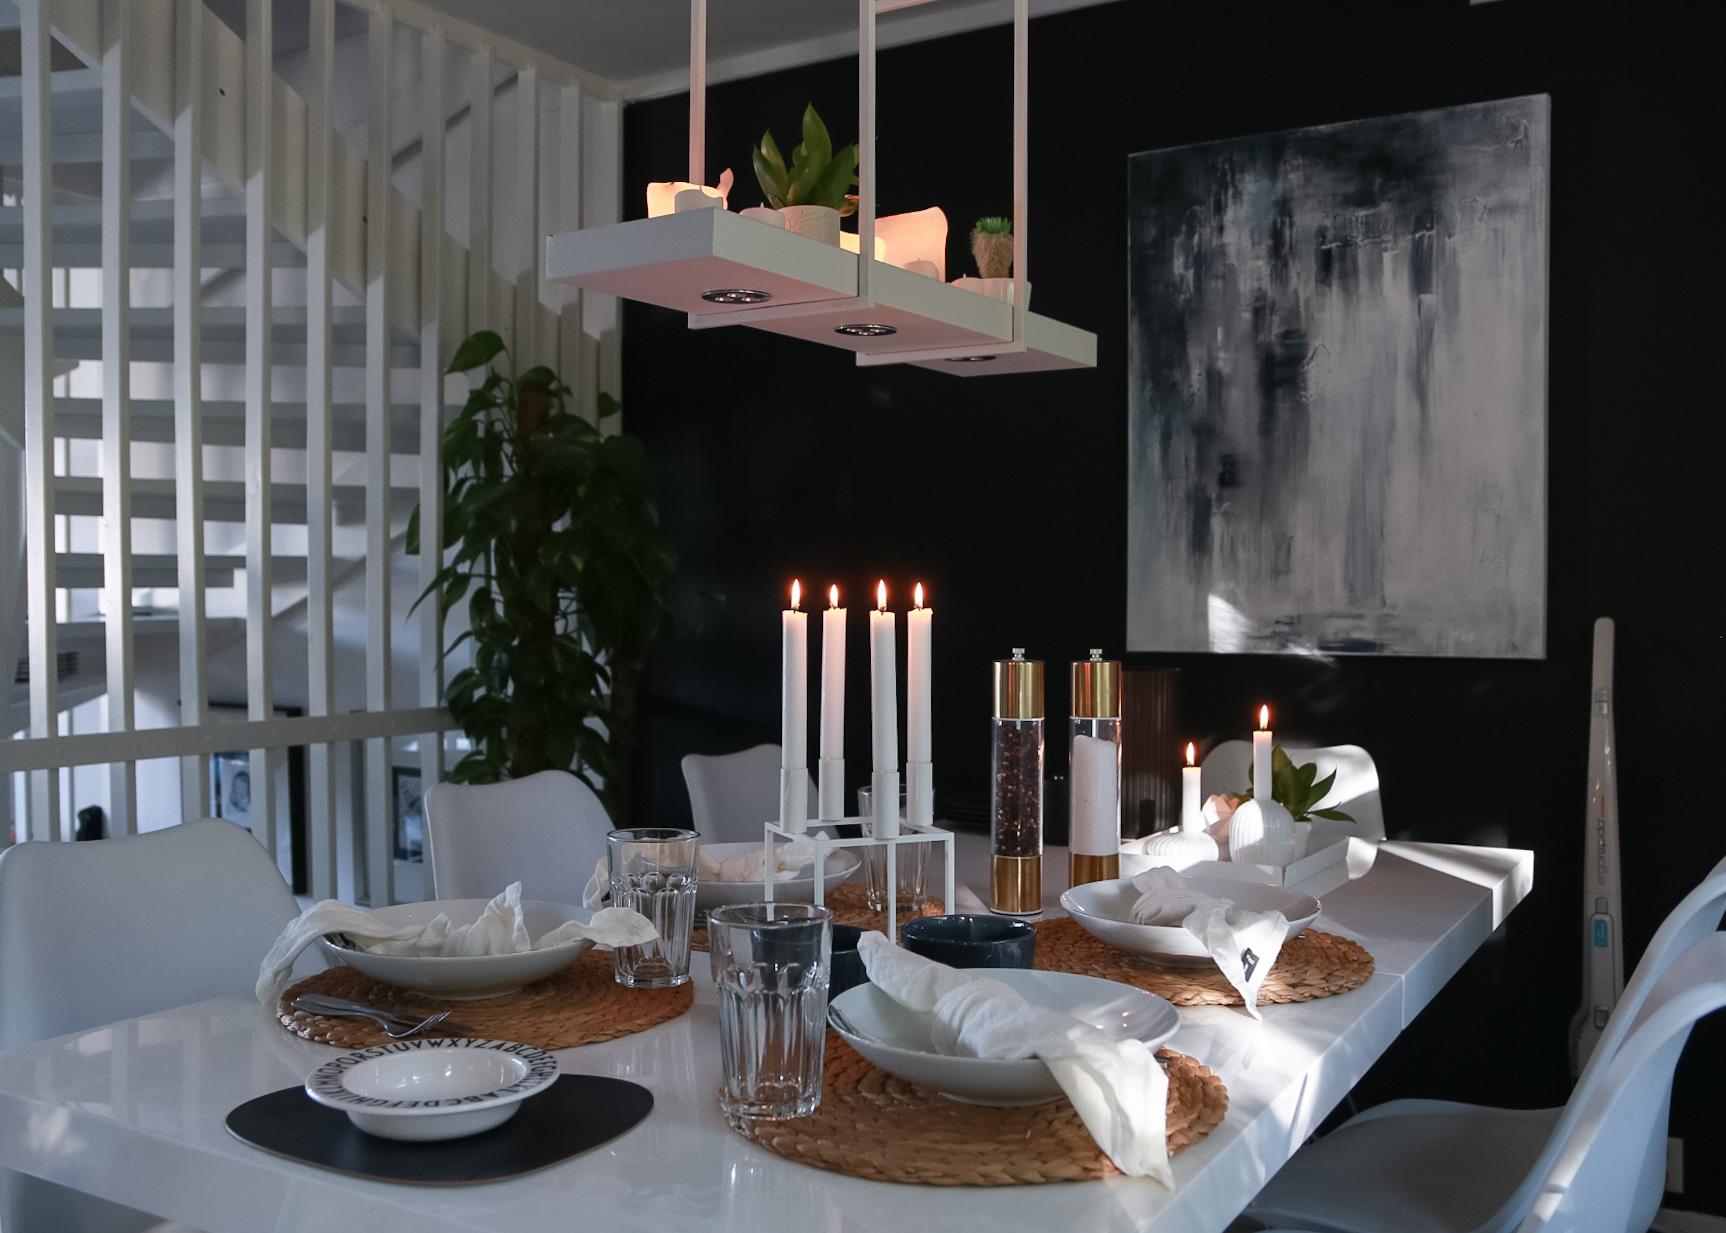 høstferie borddekking - hvitelinjer